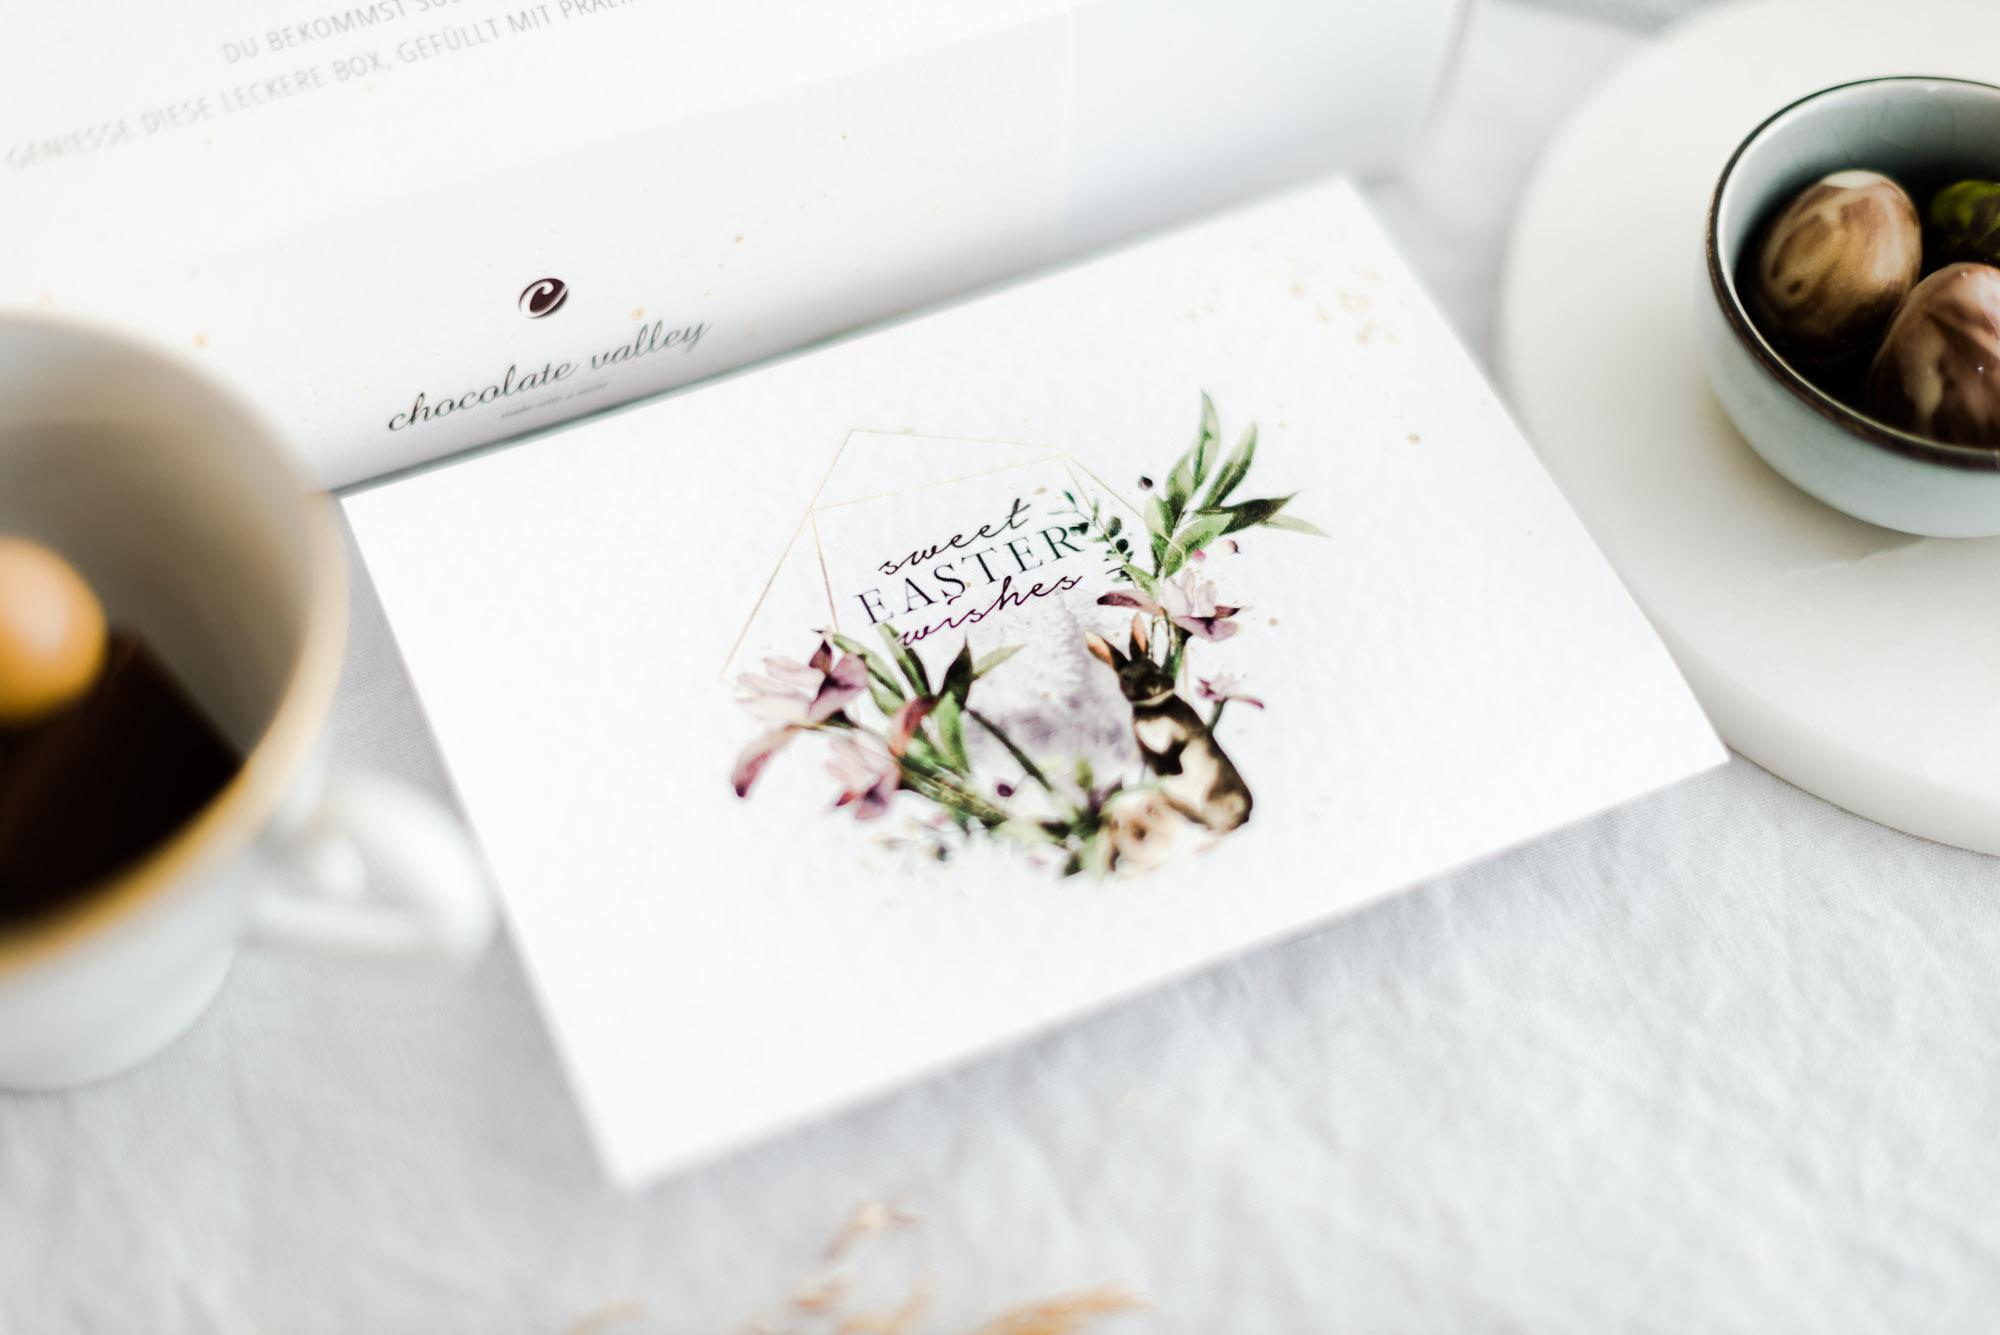 Handgeschriebene Grußkarte zu Ostern mit persönlicher Nachricht